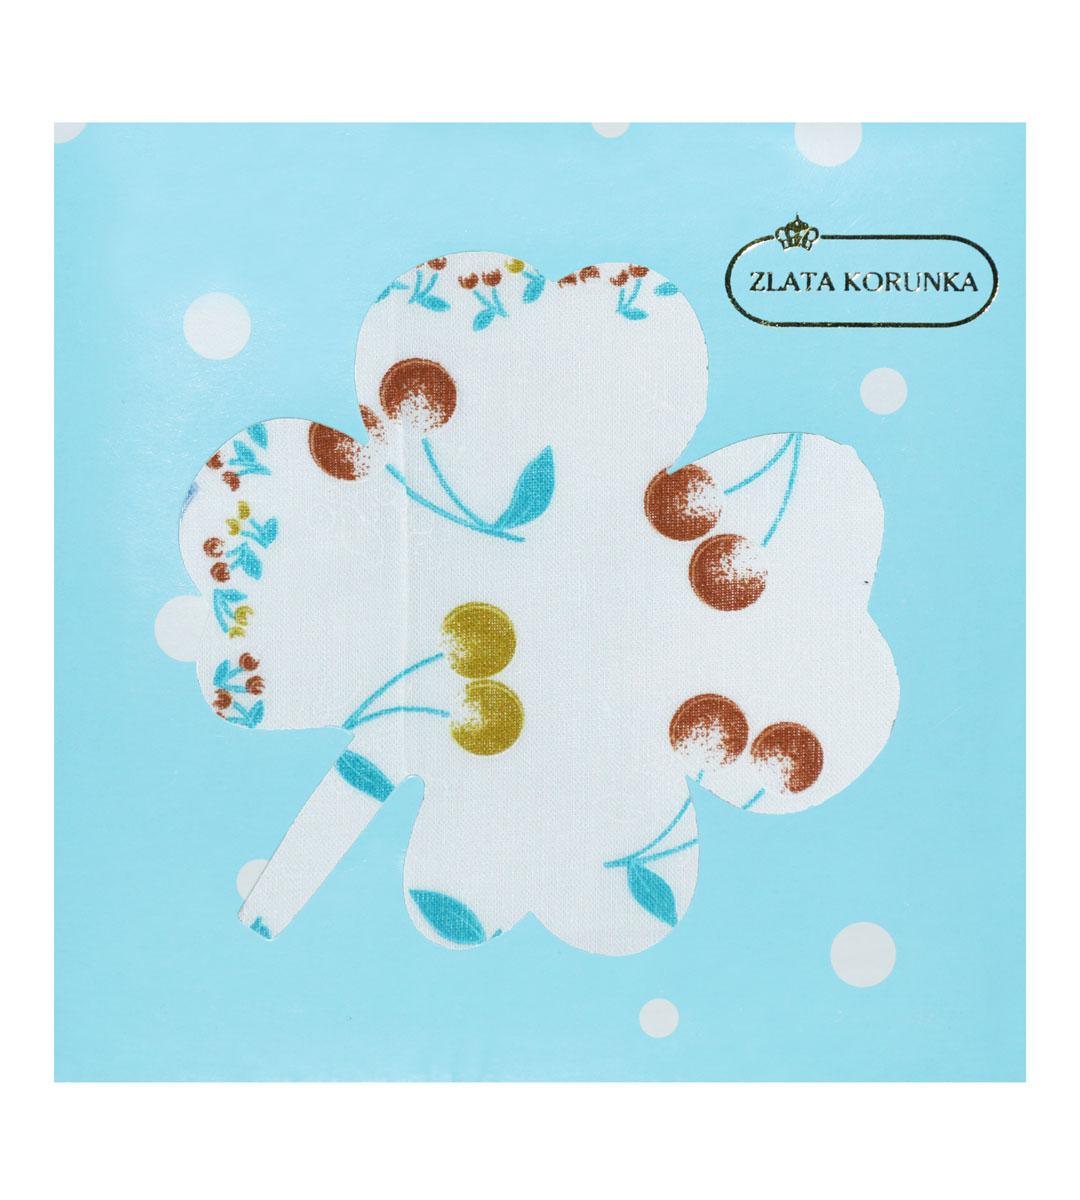 90126-13 Zlata Korunka Носовой платок женский, цвет: мультиколор, 28х28 см90126-13Платки носовые женские в упаковке по 1 шт. Носовые платки изготовлены из 100% хлопка, так как этот материал приятен в использовании, хорошо стирается, не садится, отлично впитывает влагу.